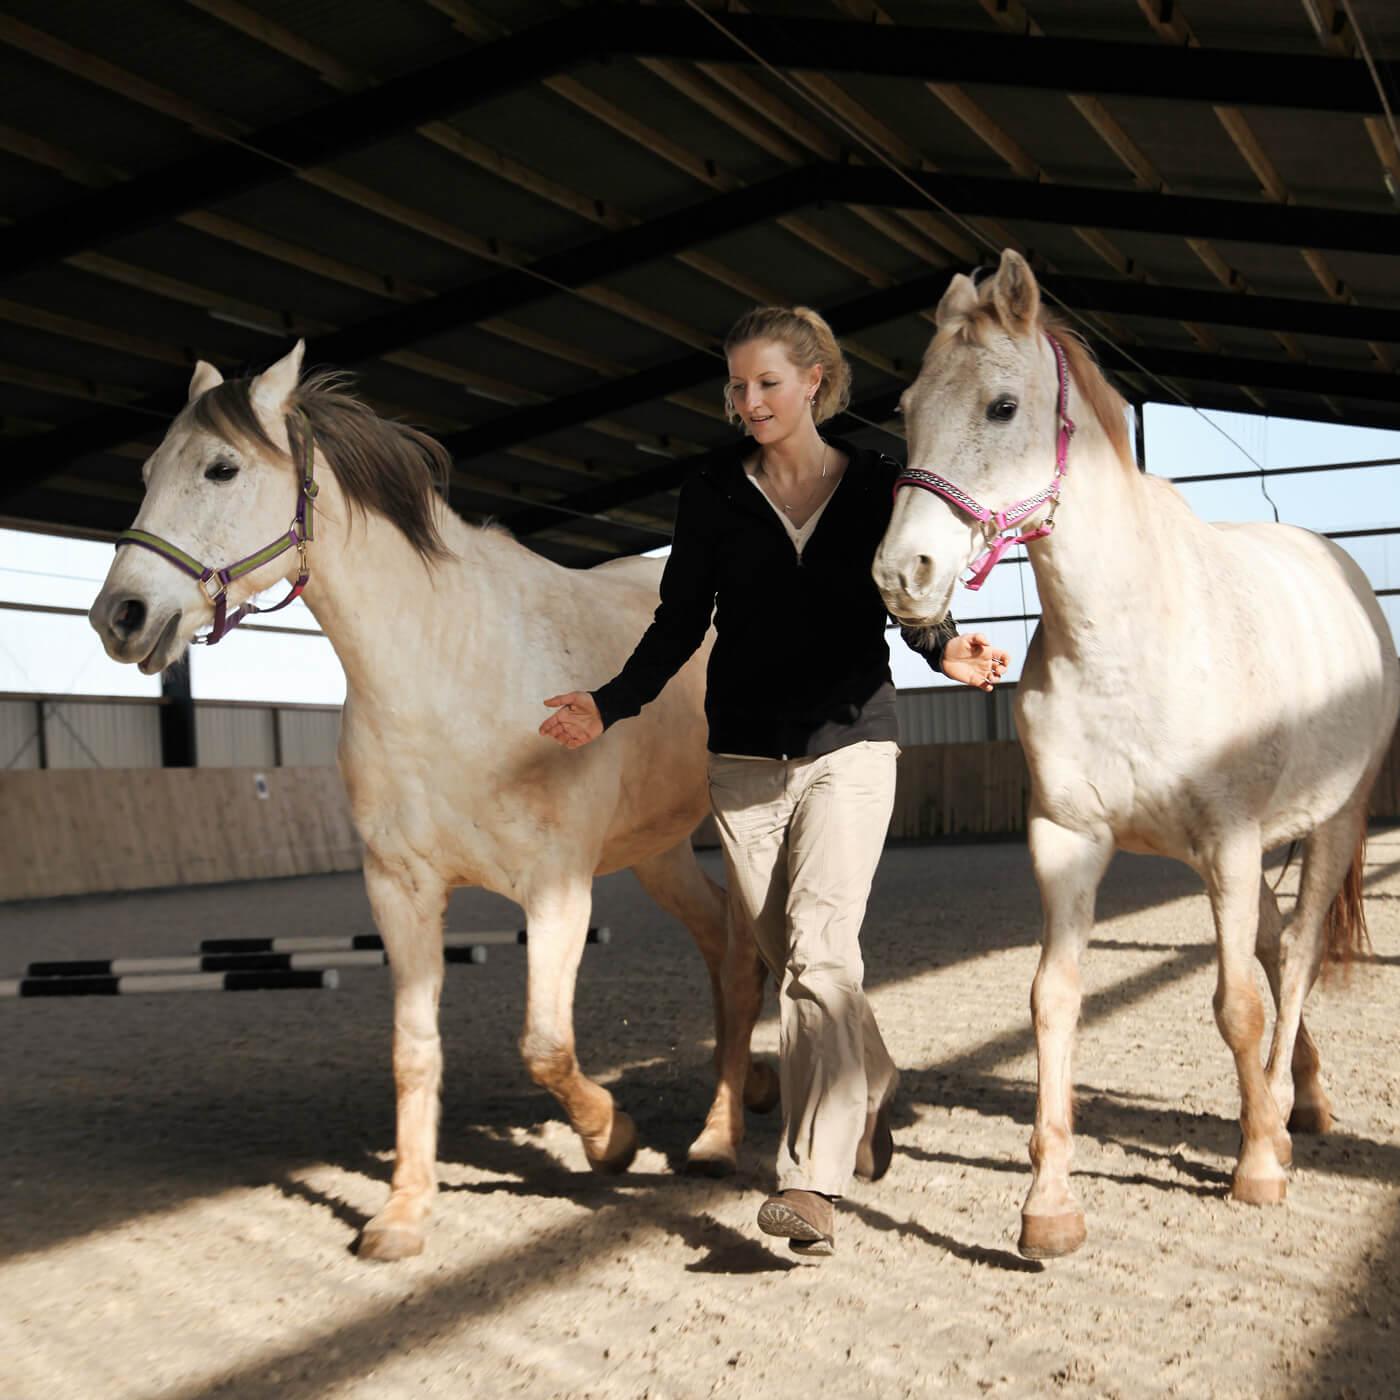 Cromme Coaching – Pferdegestützte Persönlichkeitsentwicklung: Pferde als Experten der Kommunikation spiegeln unsere Körpersprache und zeigen uns so, was wir unbewusst mitteilen.